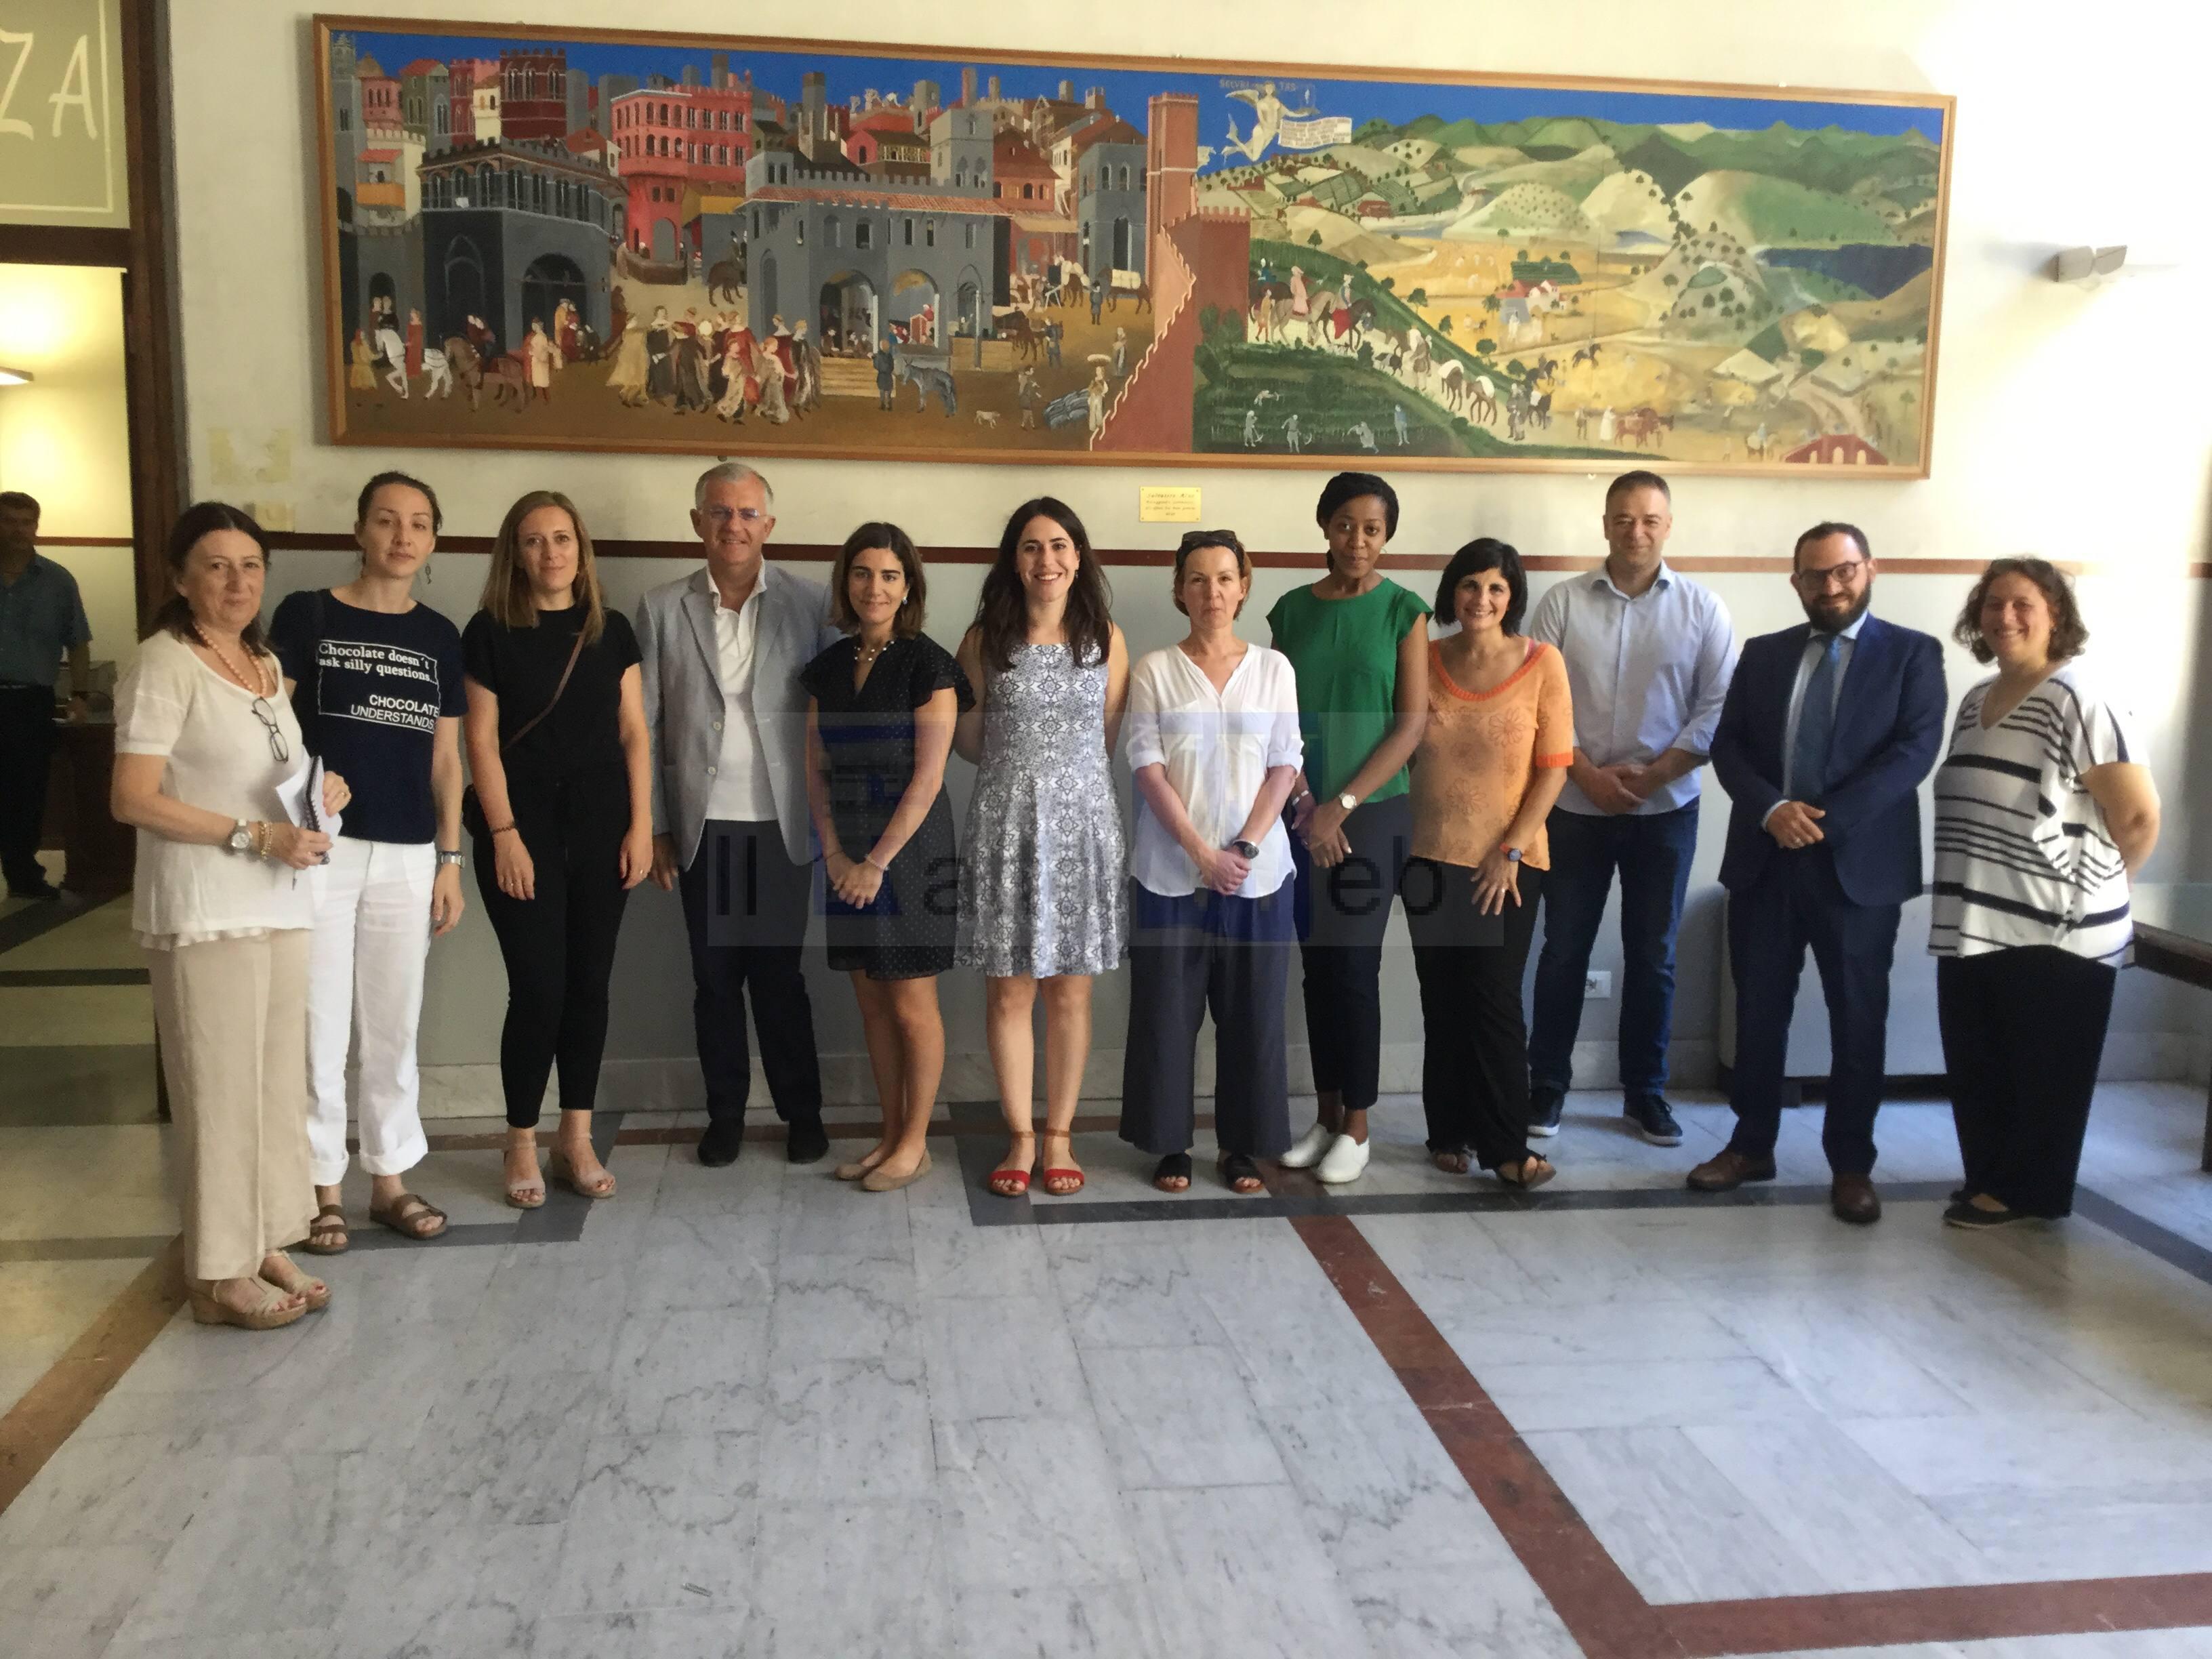 Unict per i migranti: a Catania si valutano le qualifiche accademiche e lavorative dei rifugiati